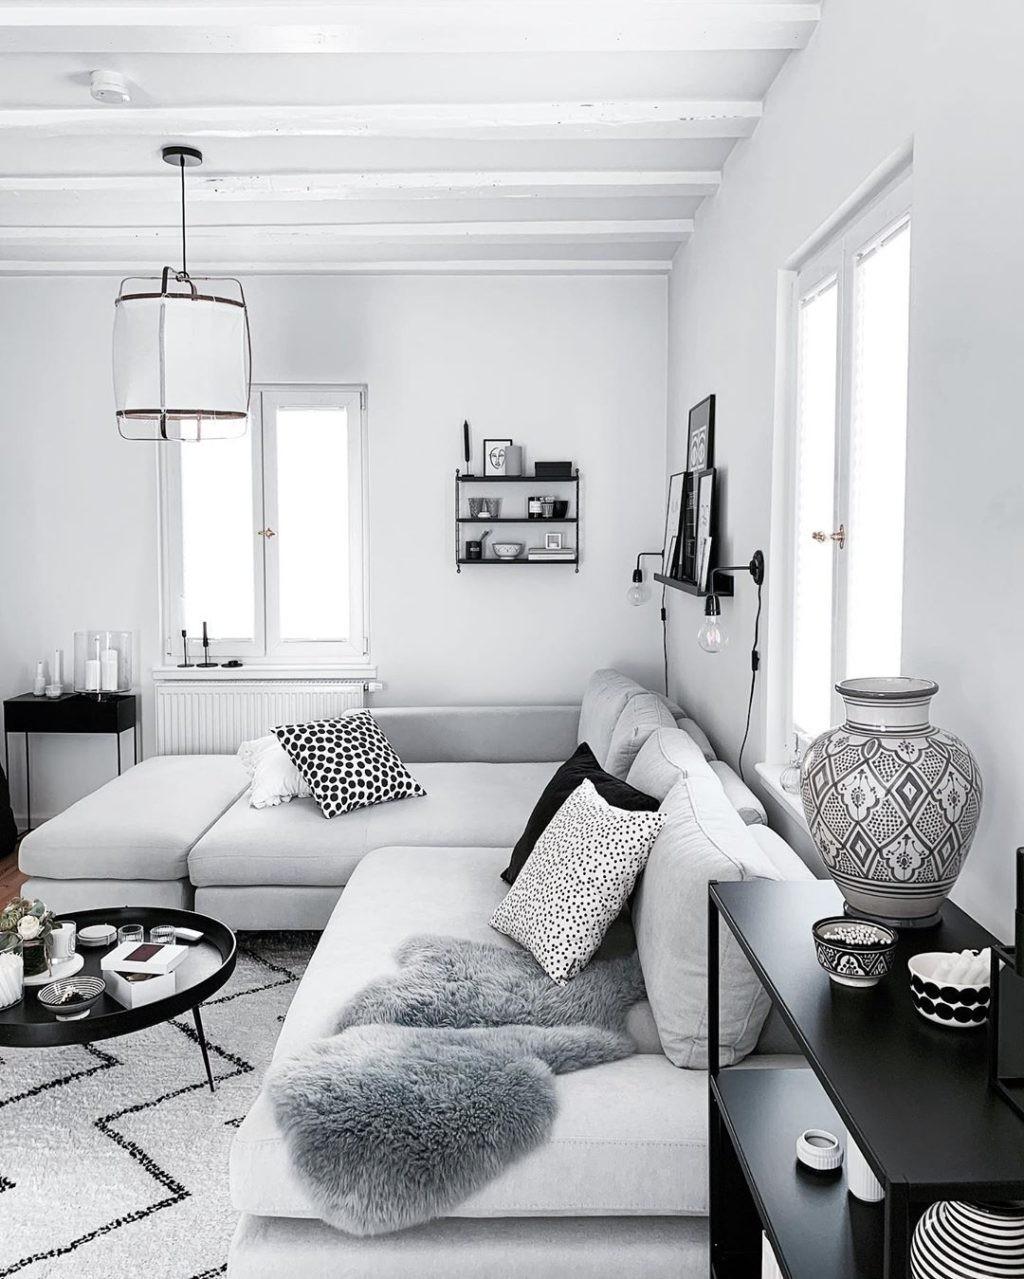 أشكال غرف معيشة 2021-غرفة معيشة أبيض وأسود